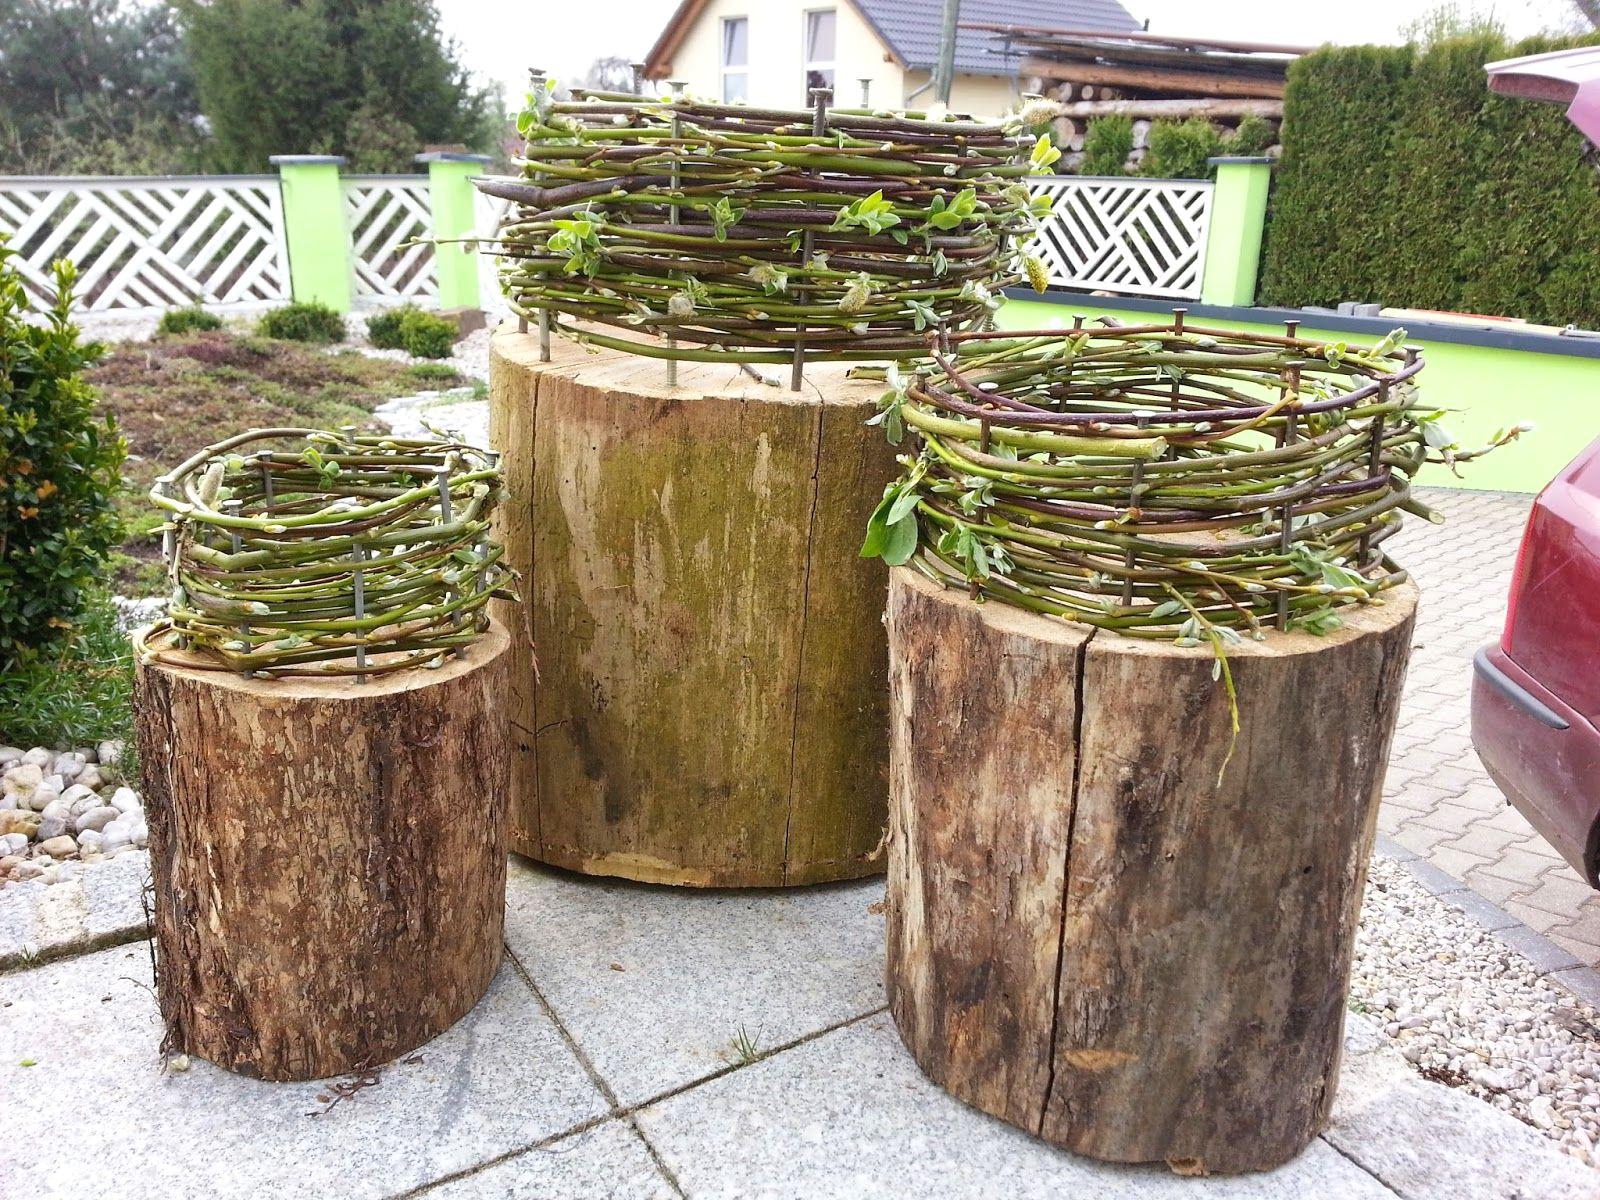 papawerk deko als familienprojekt kinderleicht garten und avec fruhlingsdeko mit birkenholz et 24 fruhlingsdeko mit birkenholz sur la cat gorie home deko ideen